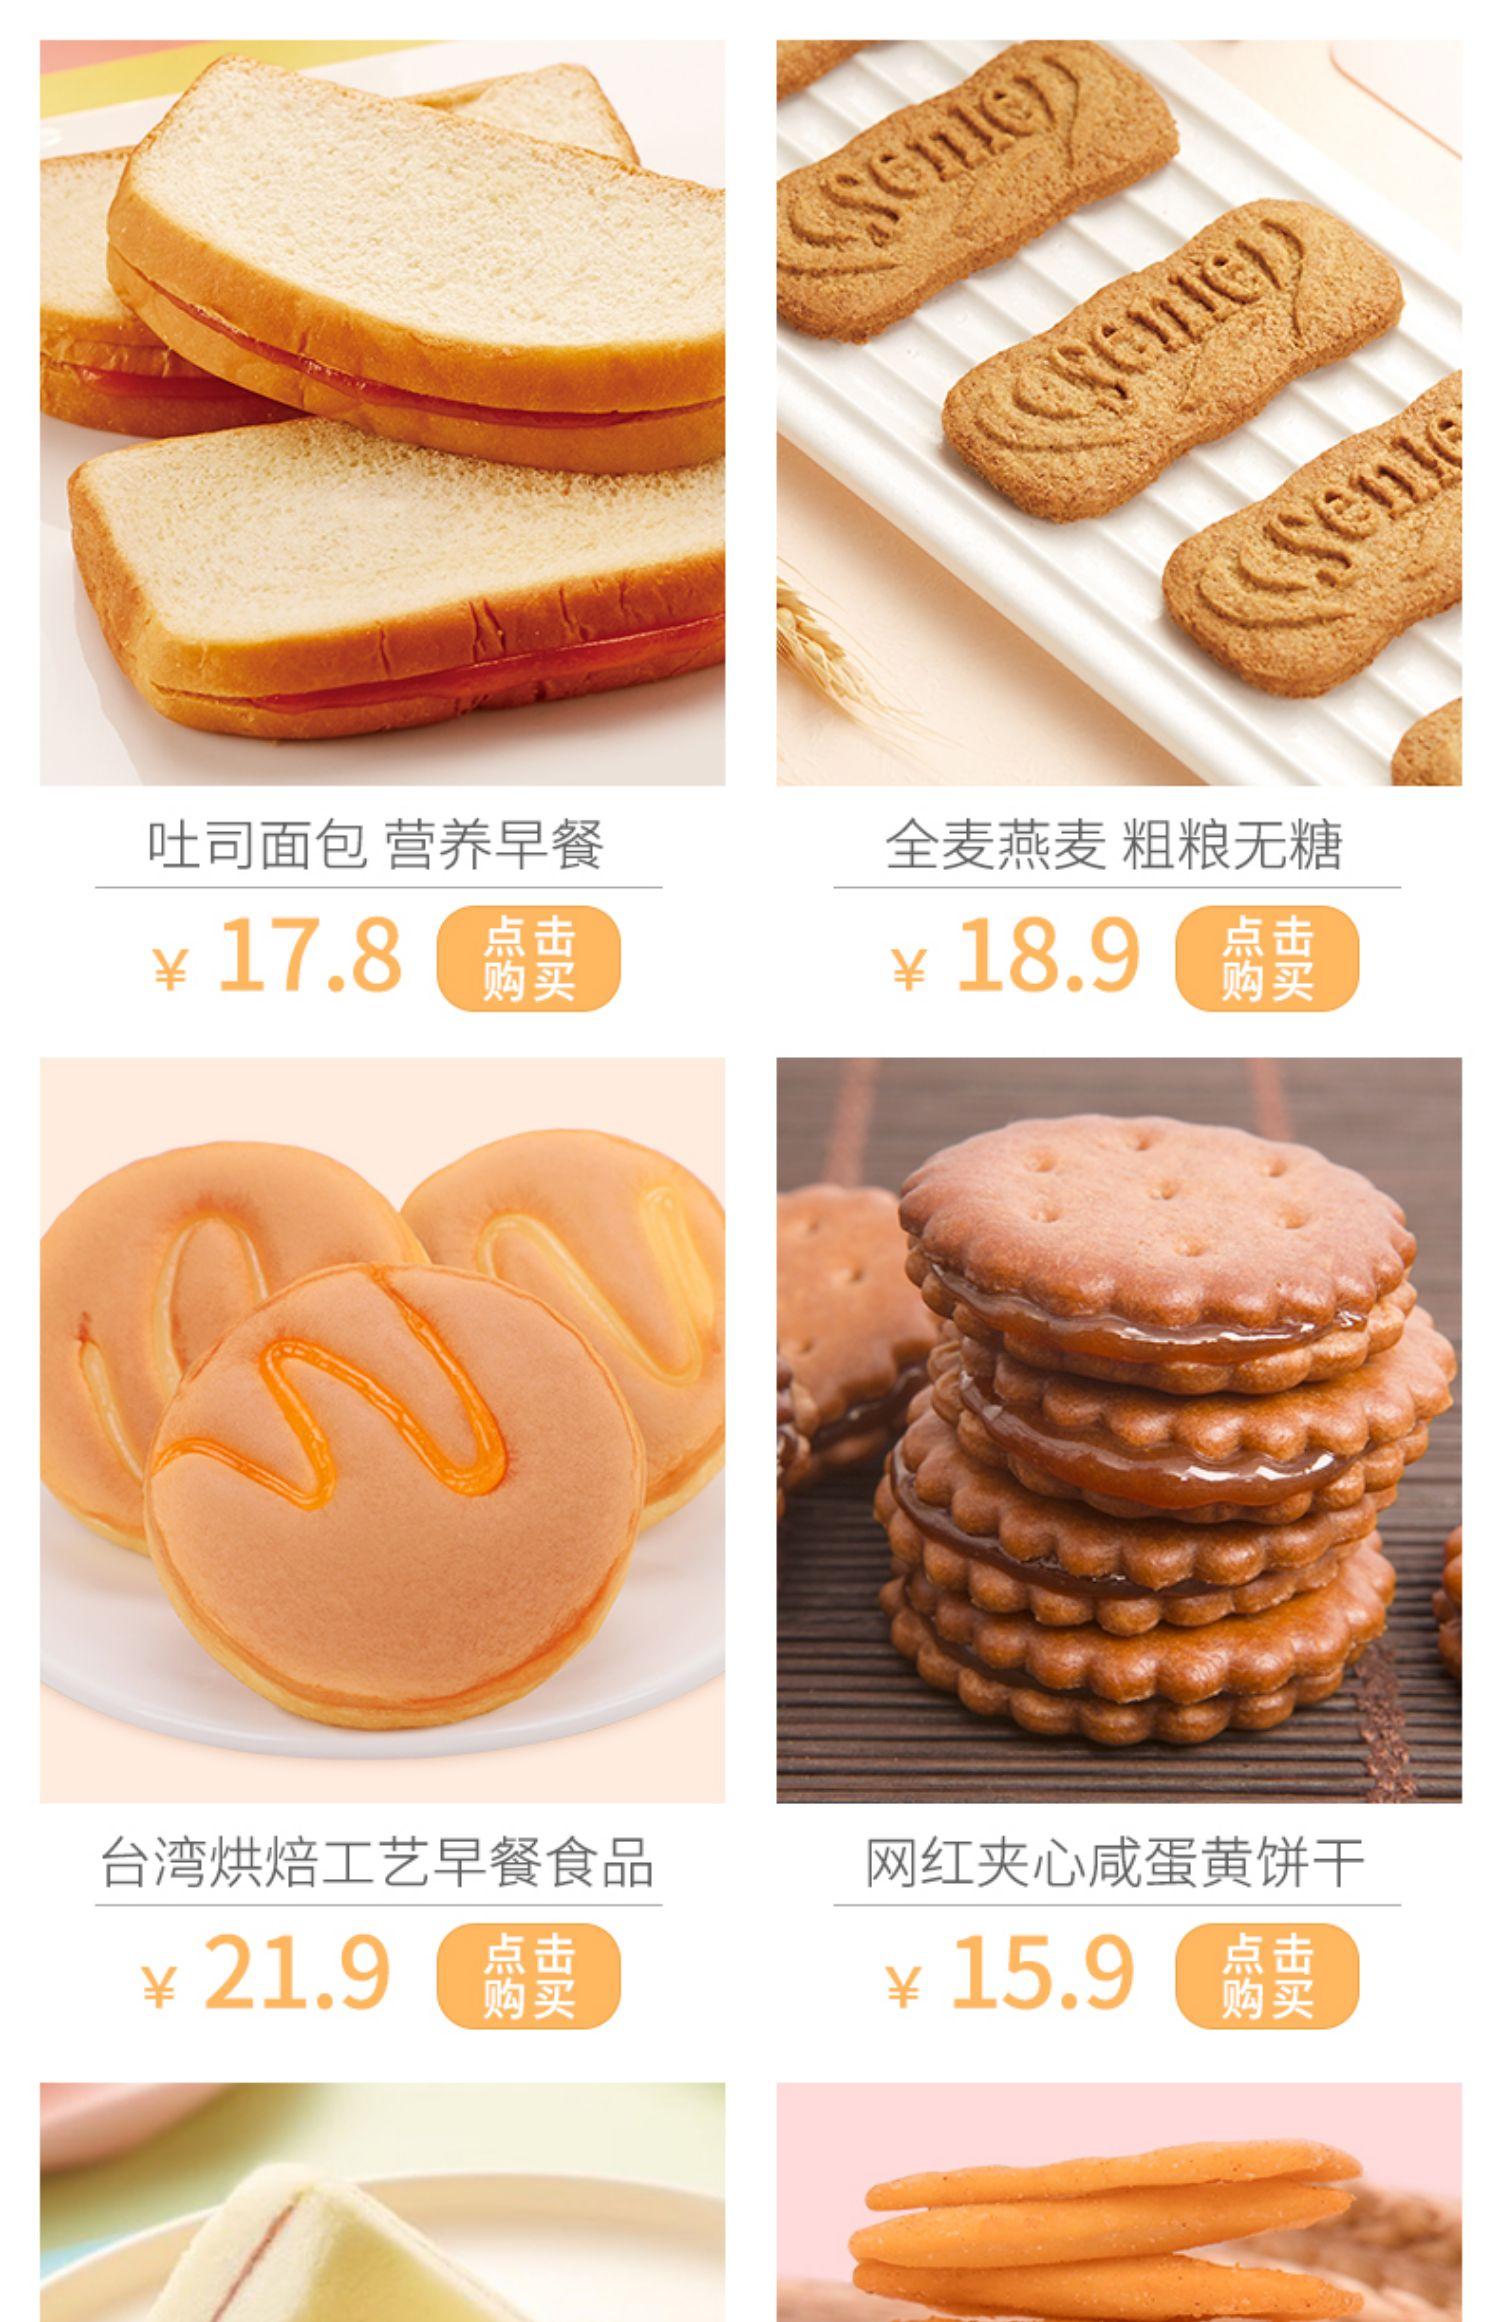 休闲农场压缩饼干小包装多口味户外代餐饱腹干粮散装零食整箱商品详情图